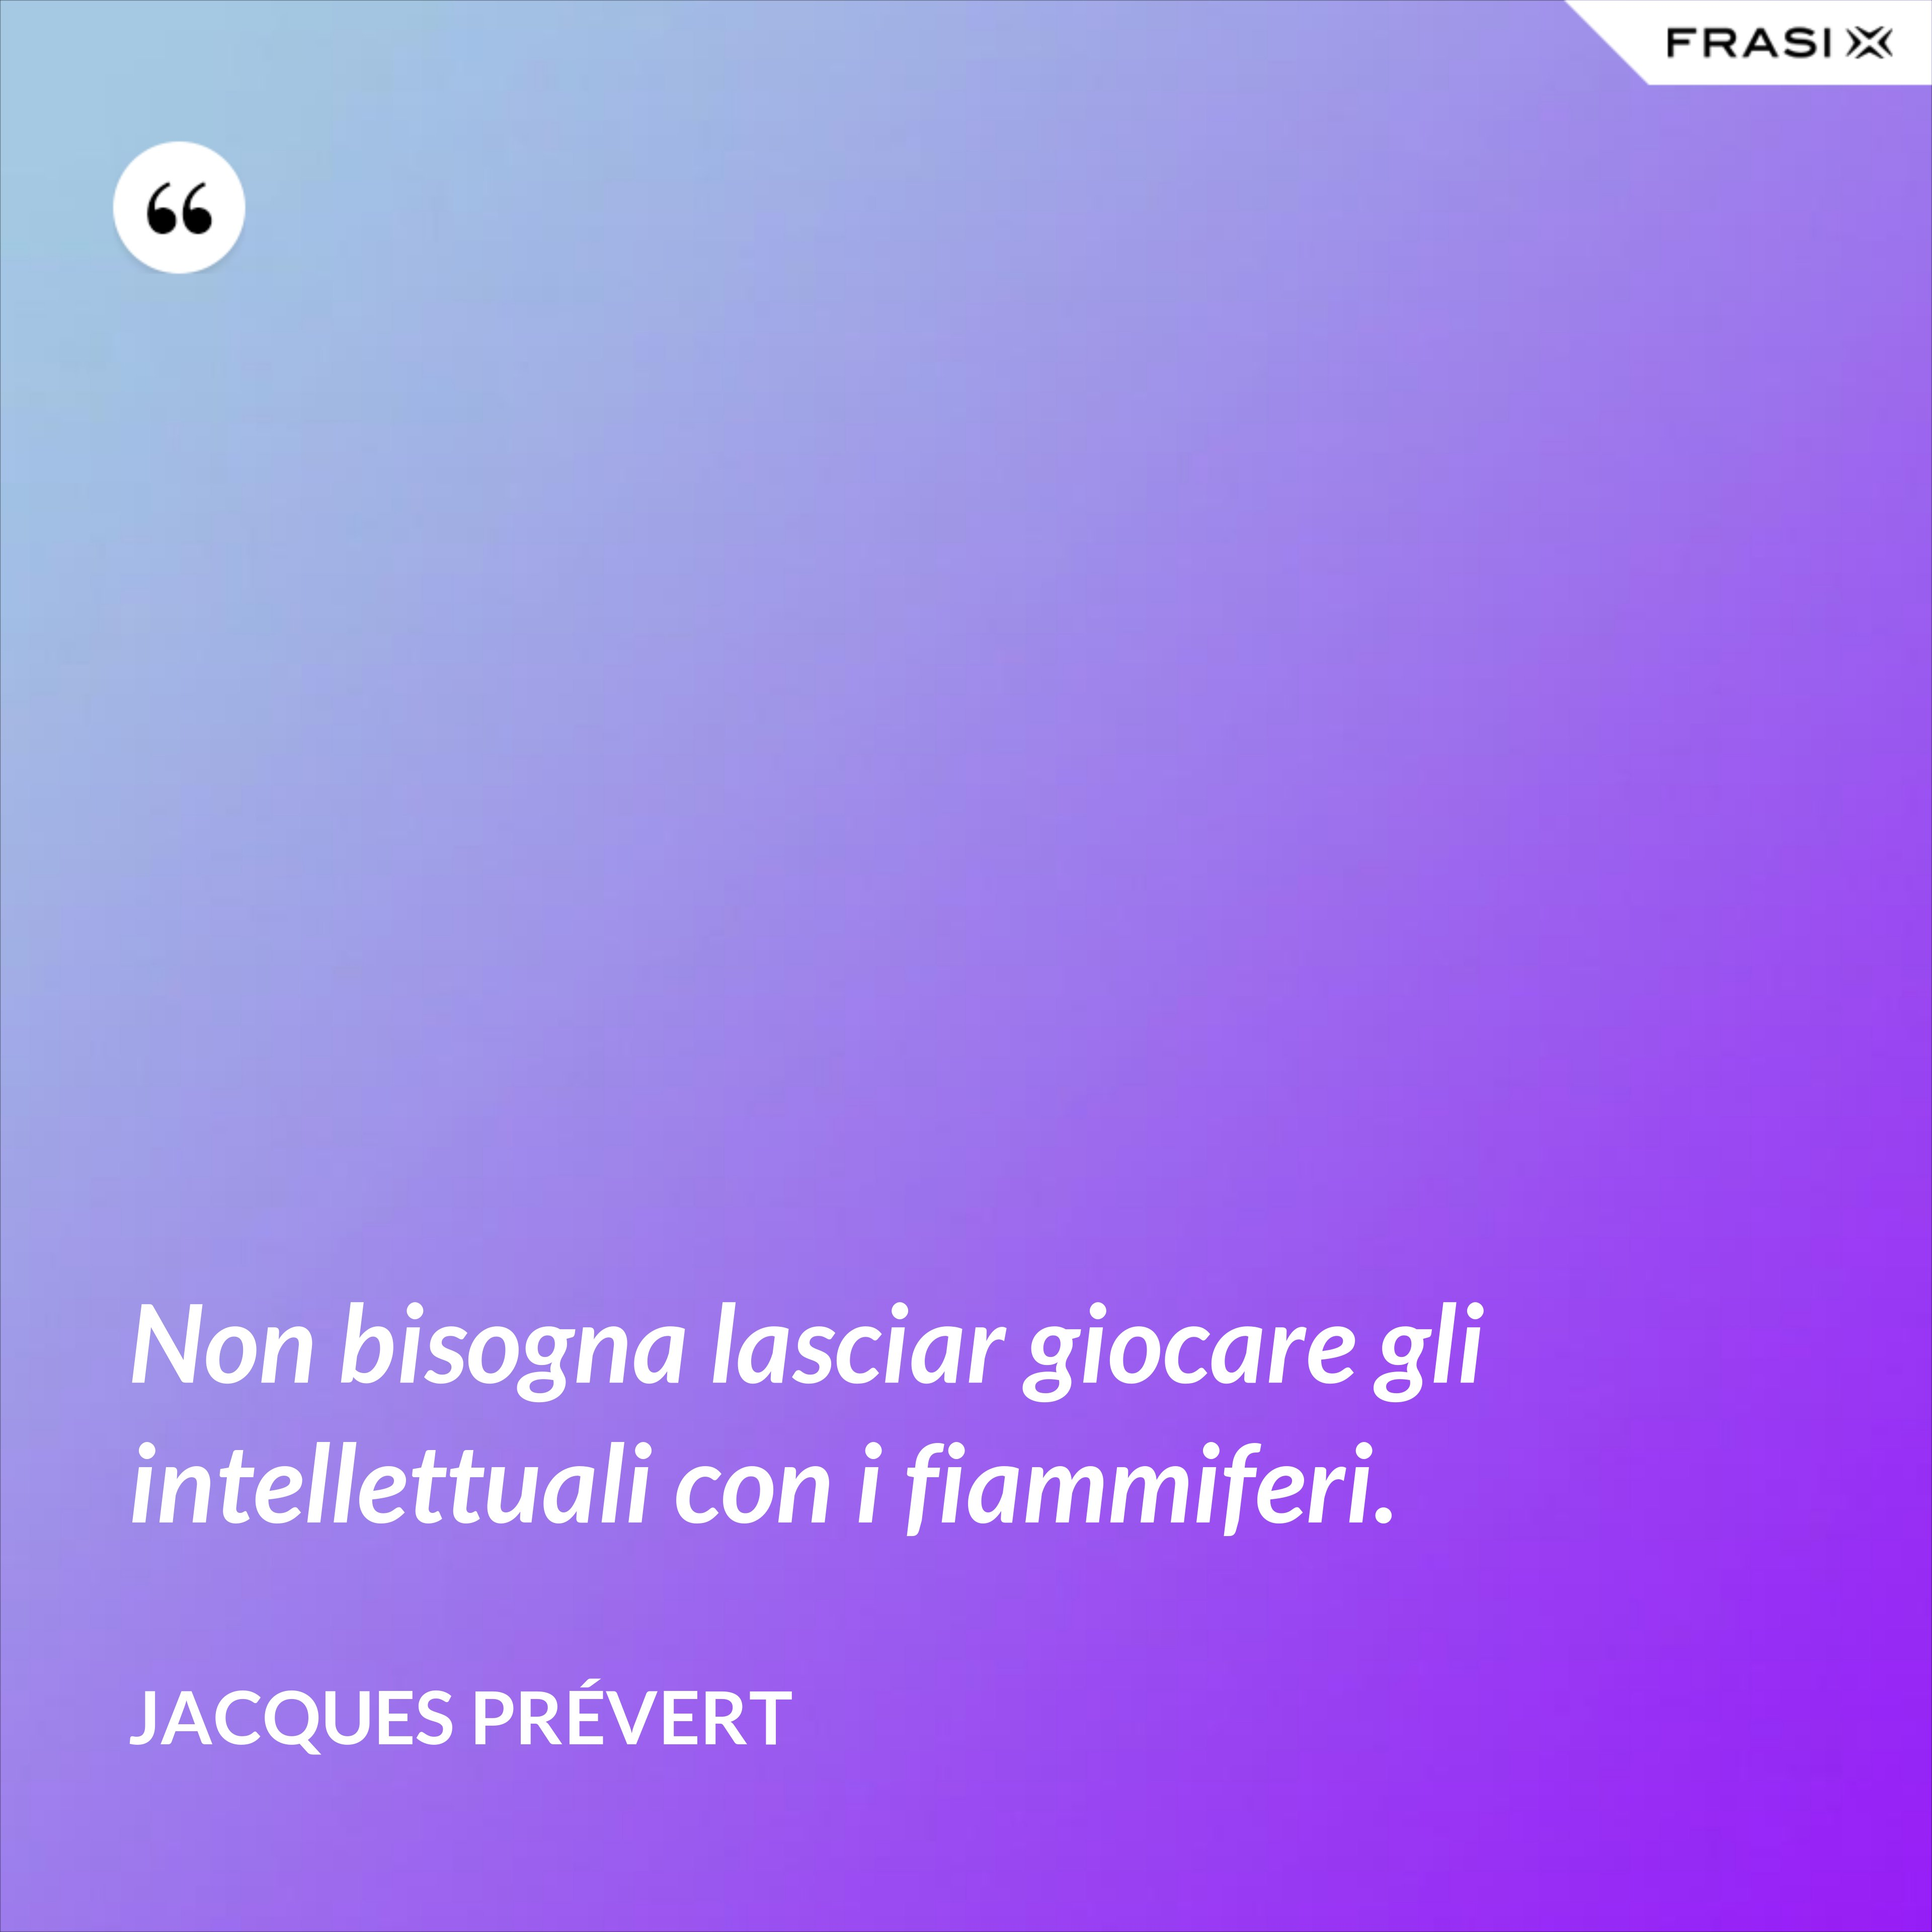 Non bisogna lasciar giocare gli intellettuali con i fiammiferi. - Jacques Prévert